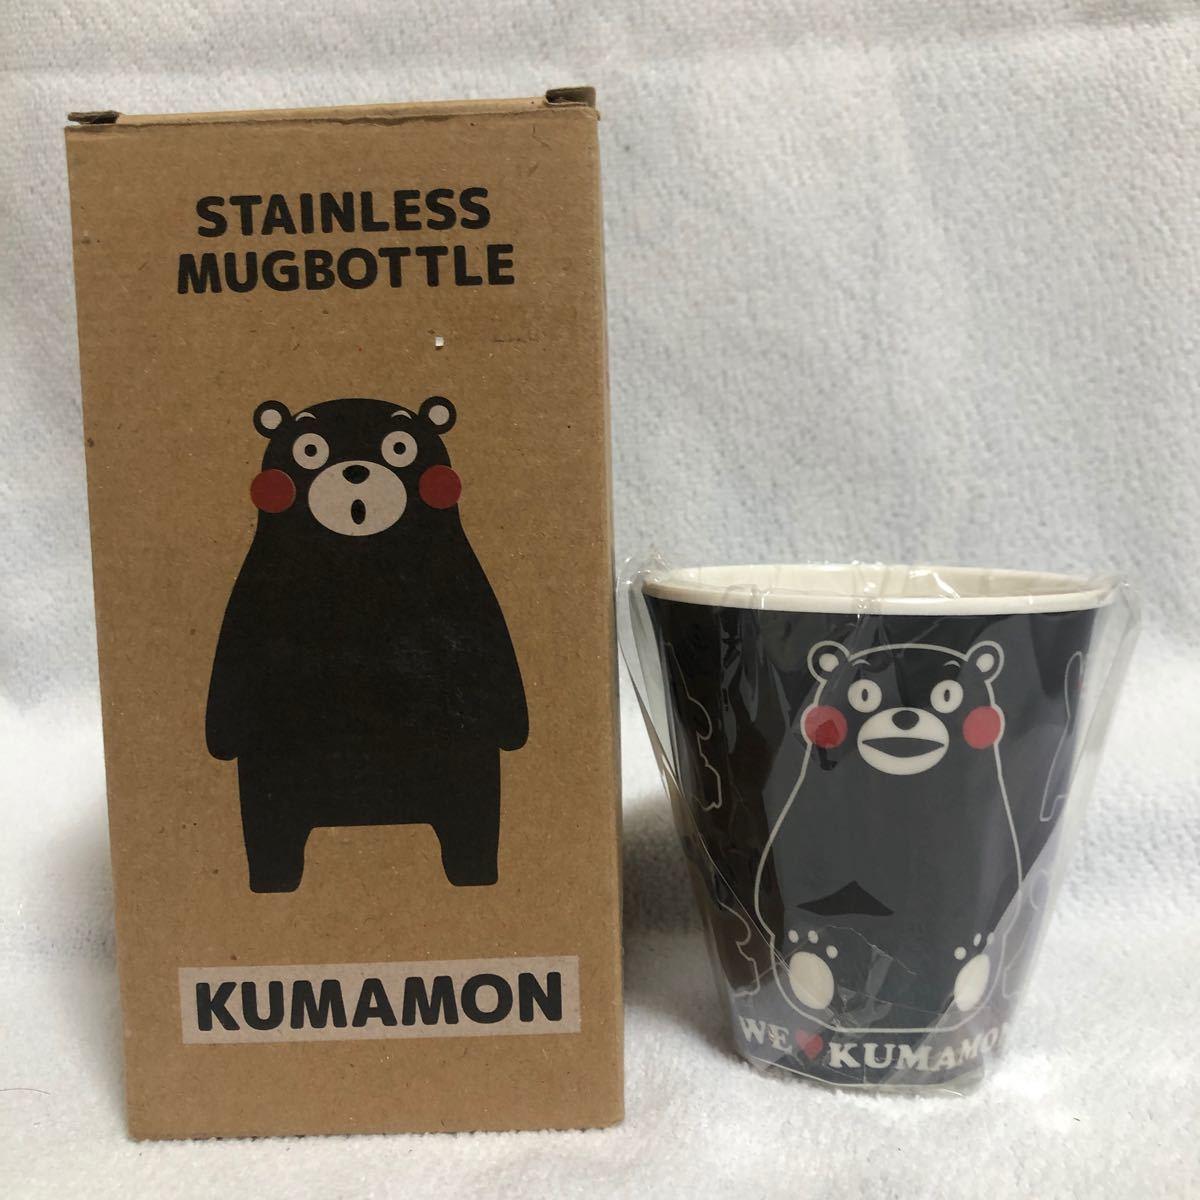 くまモン ステンレスマグボトル(立ち)280ml、くまモンコップセット